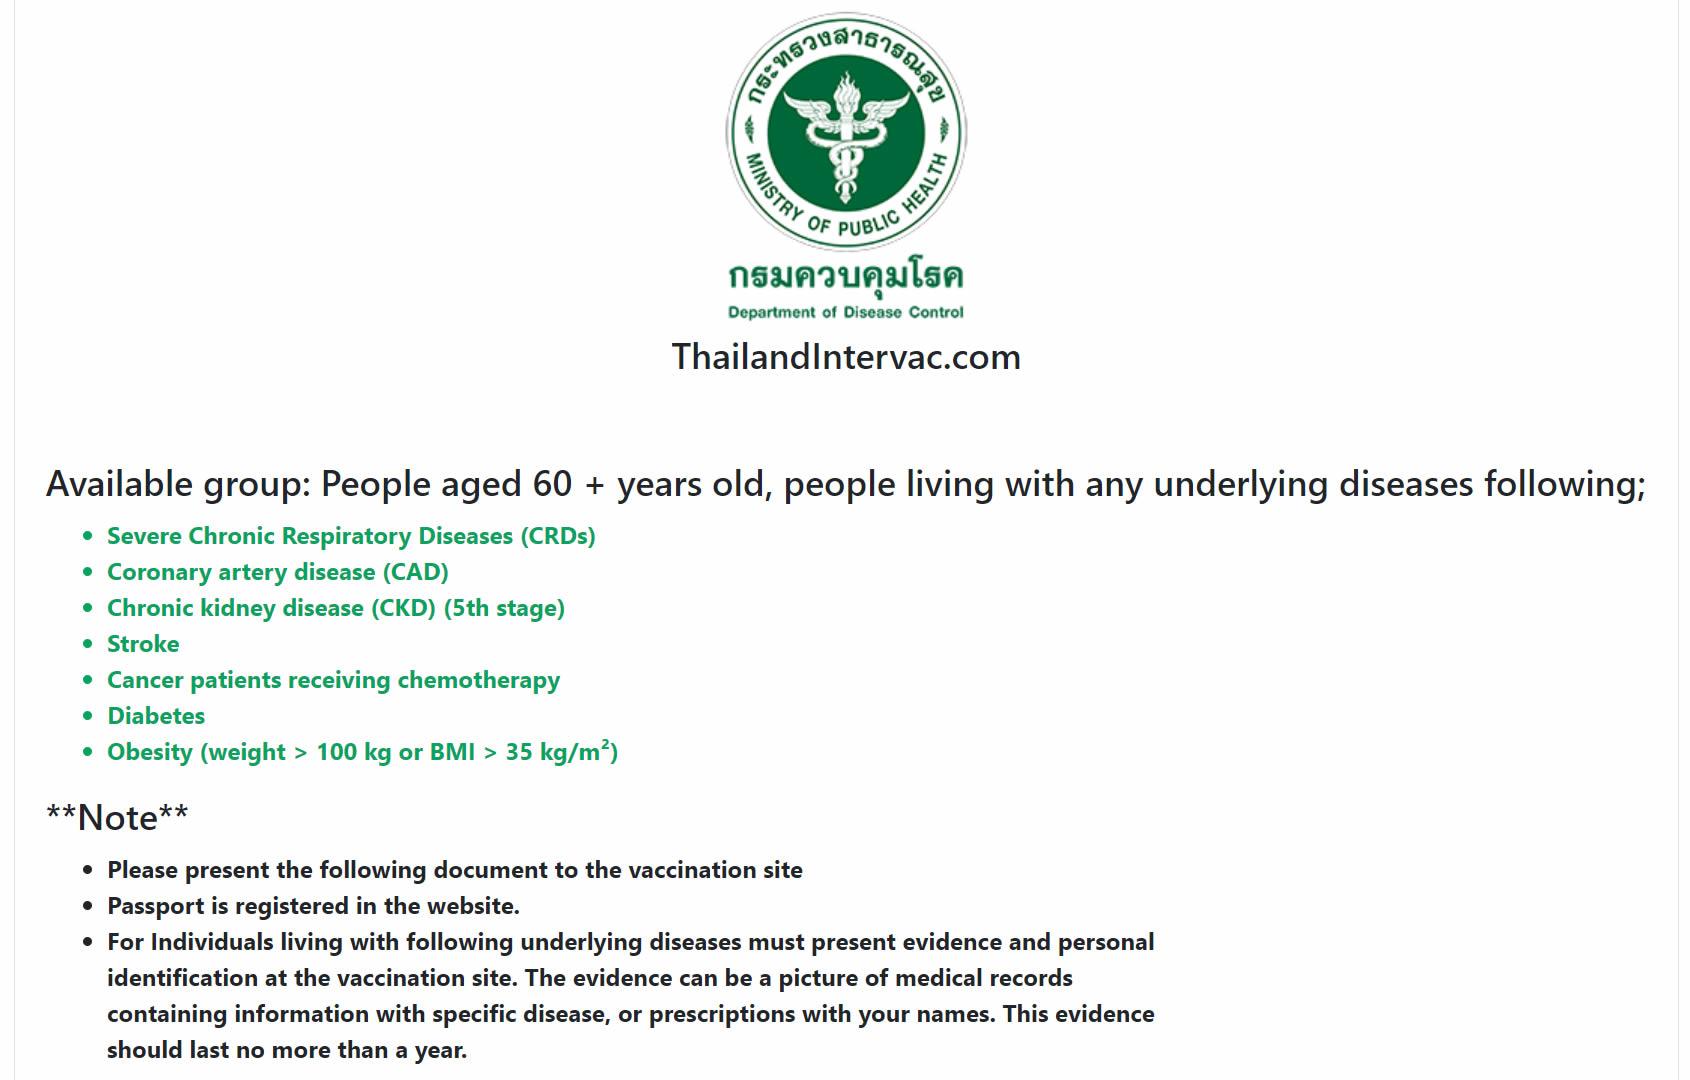 タイ在住外国人向け新型コロナワクチン接種登録サイトが運用開始